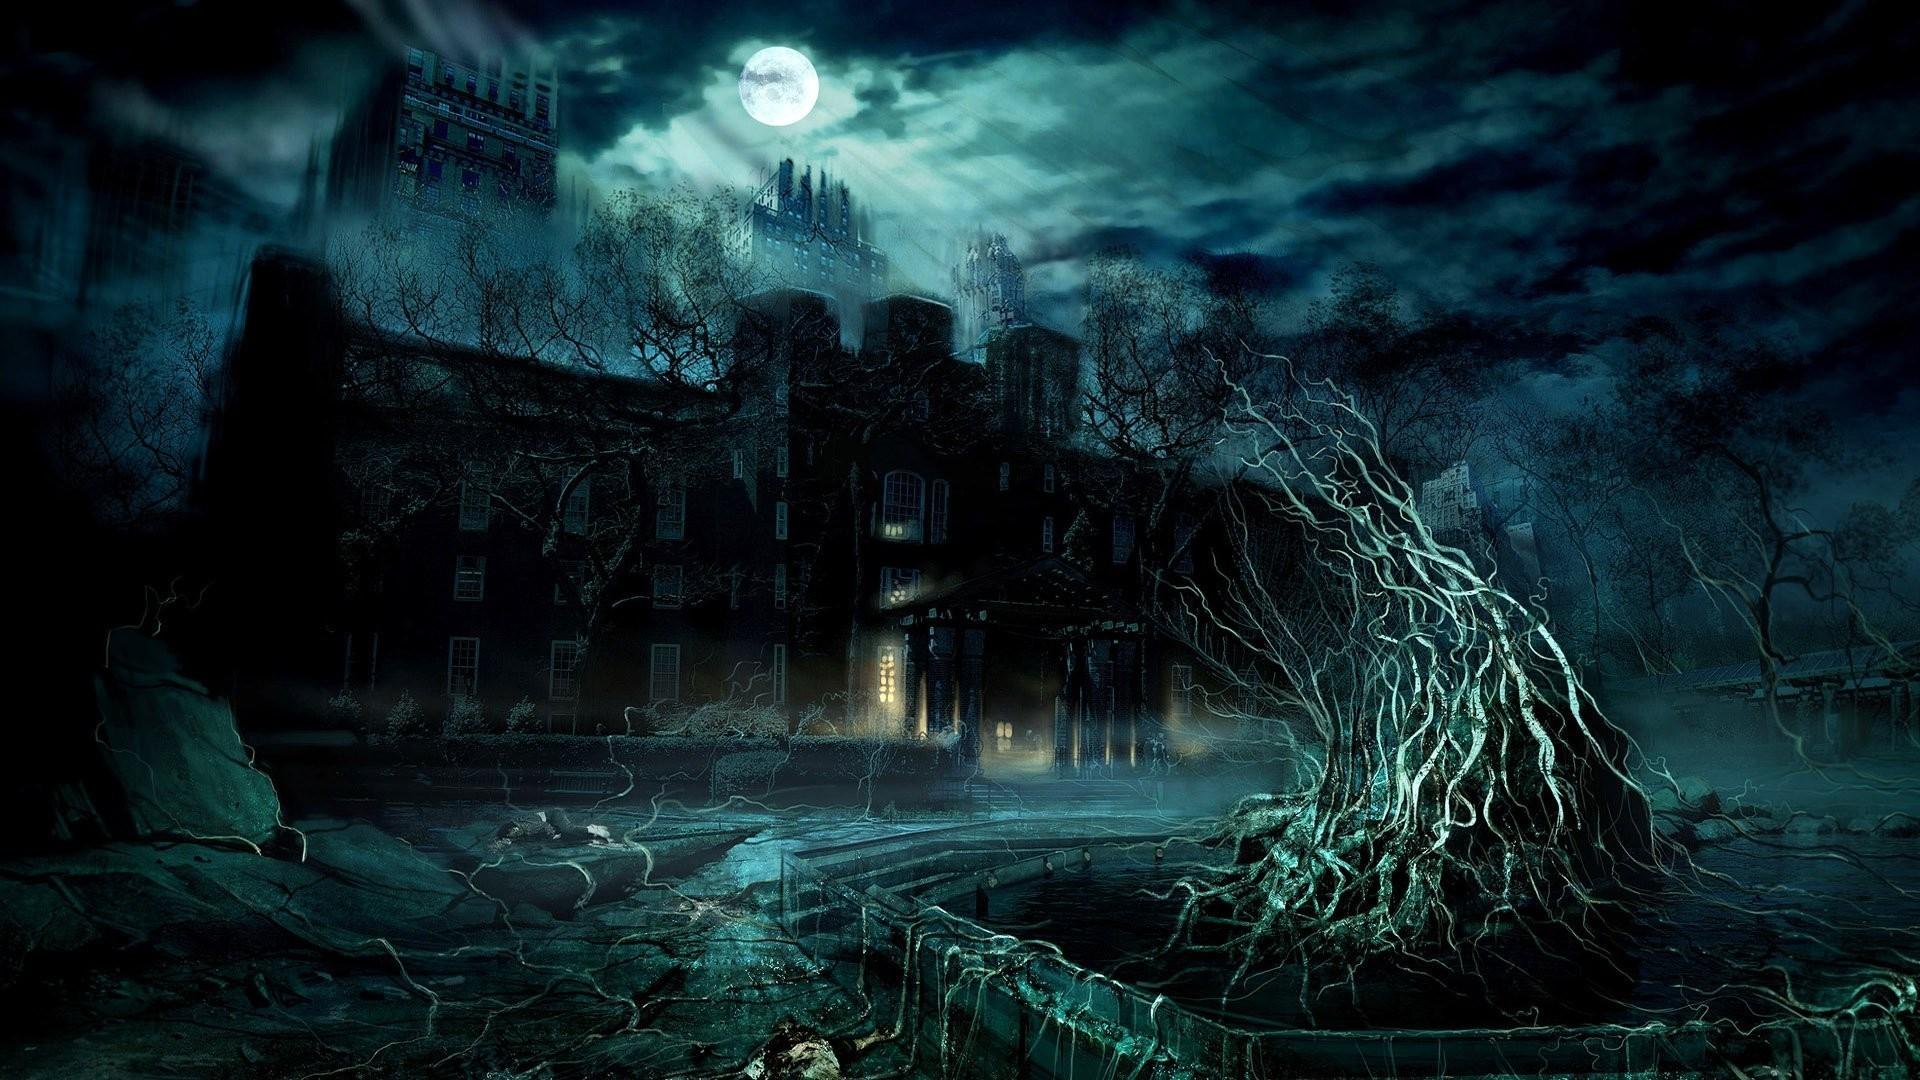 Dark mansion under the full moon digital art hd wallpaper x .